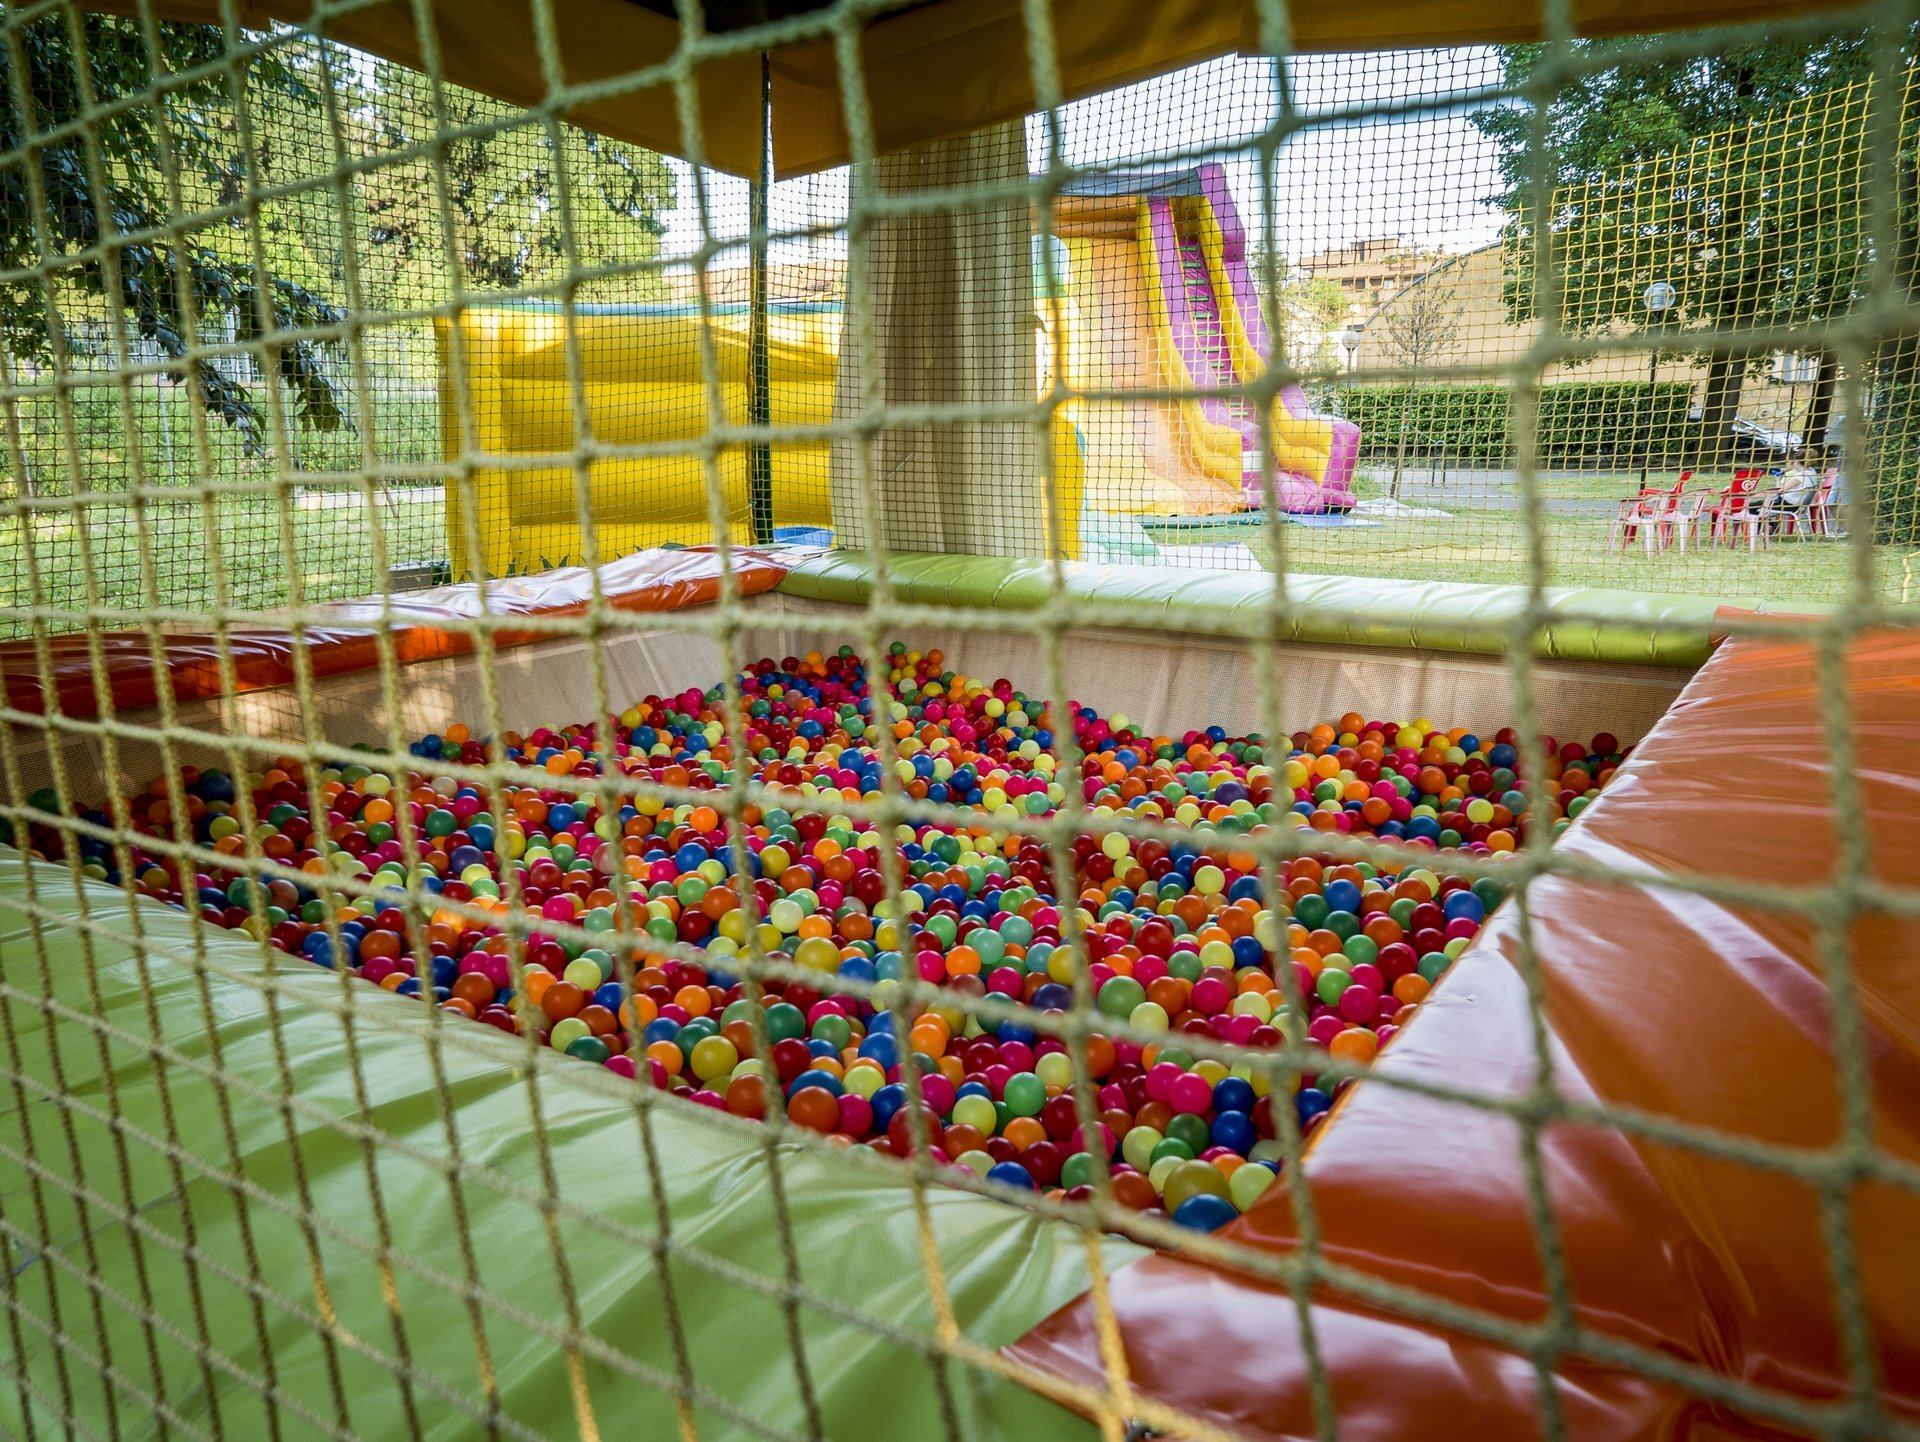 gioco gonfiabile con palline colorate